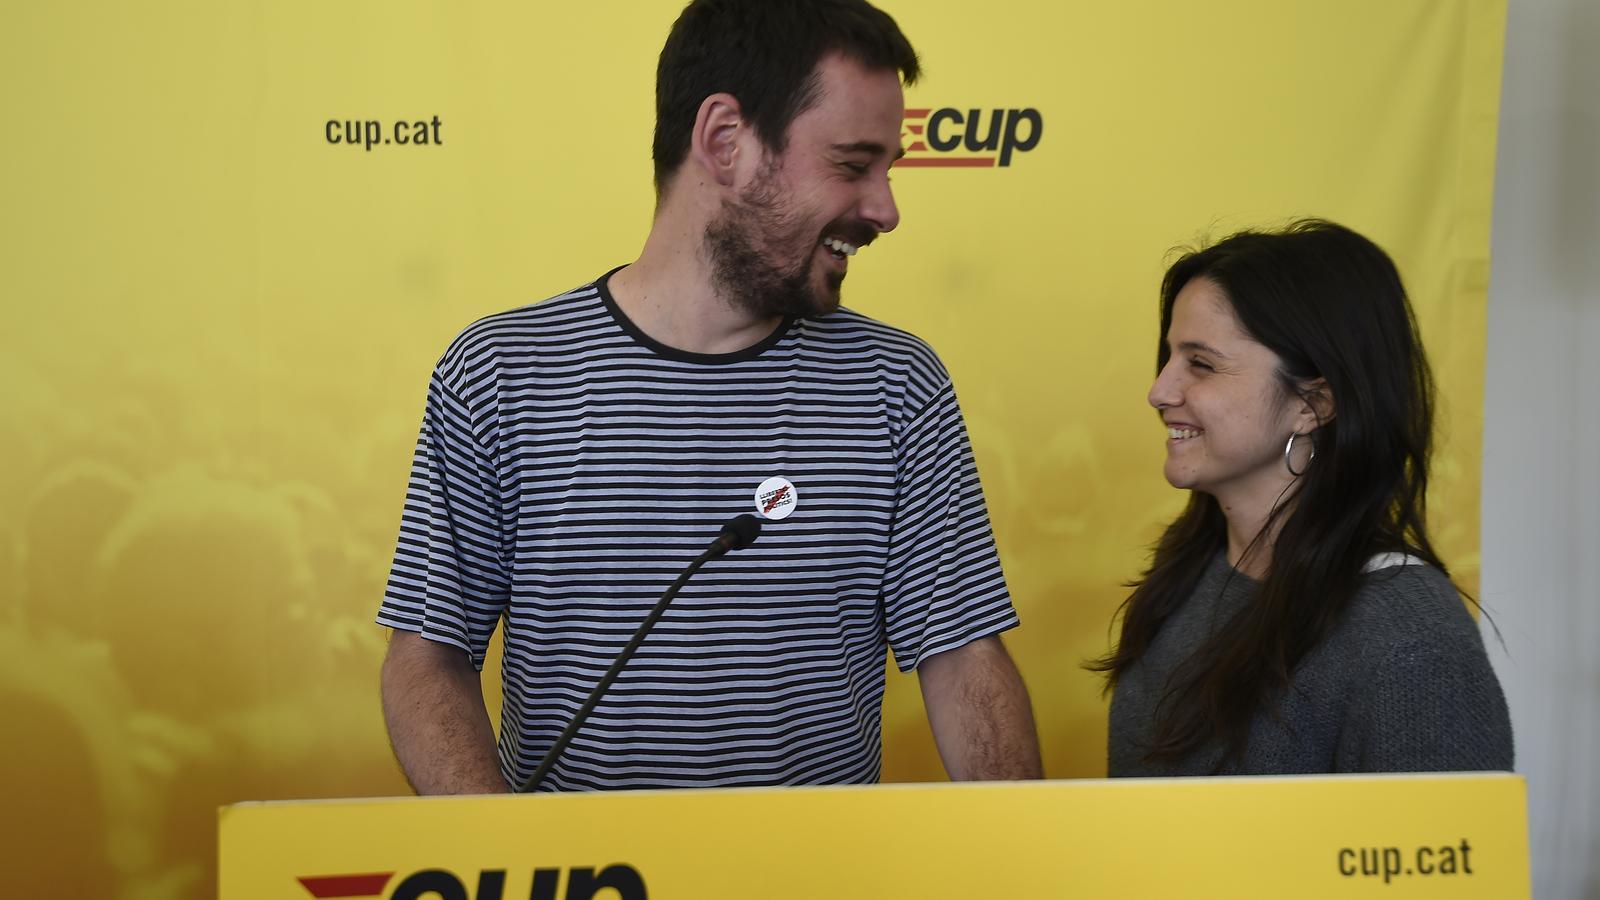 La CUP decideix mantenir l'abstenció en la investidura de Torra